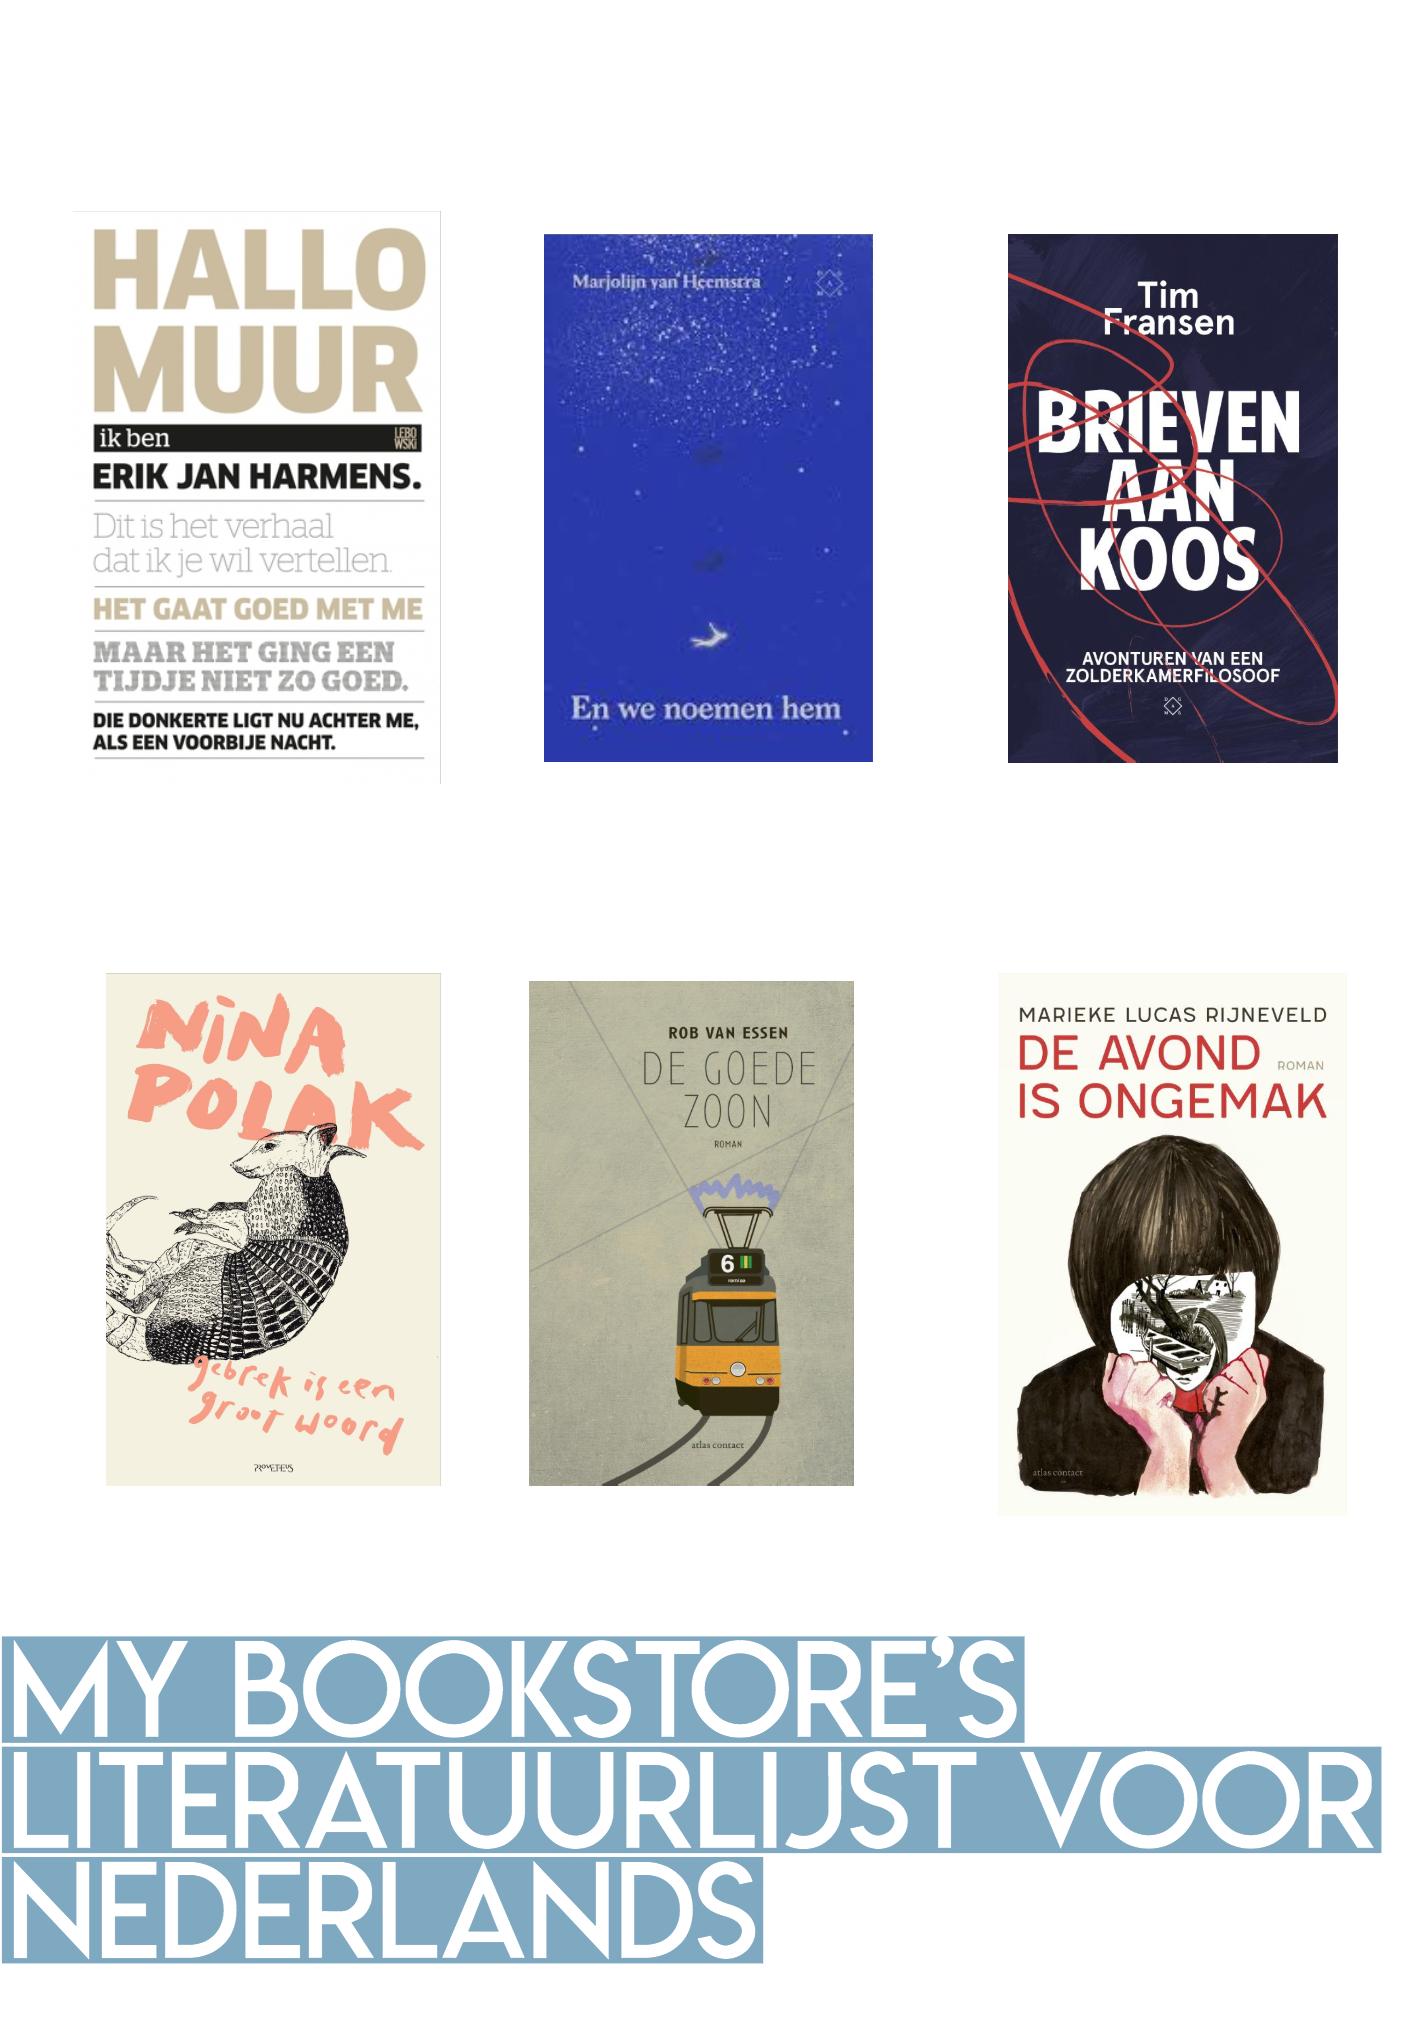 My Bookstore's literatuurlijst voor Nederlands